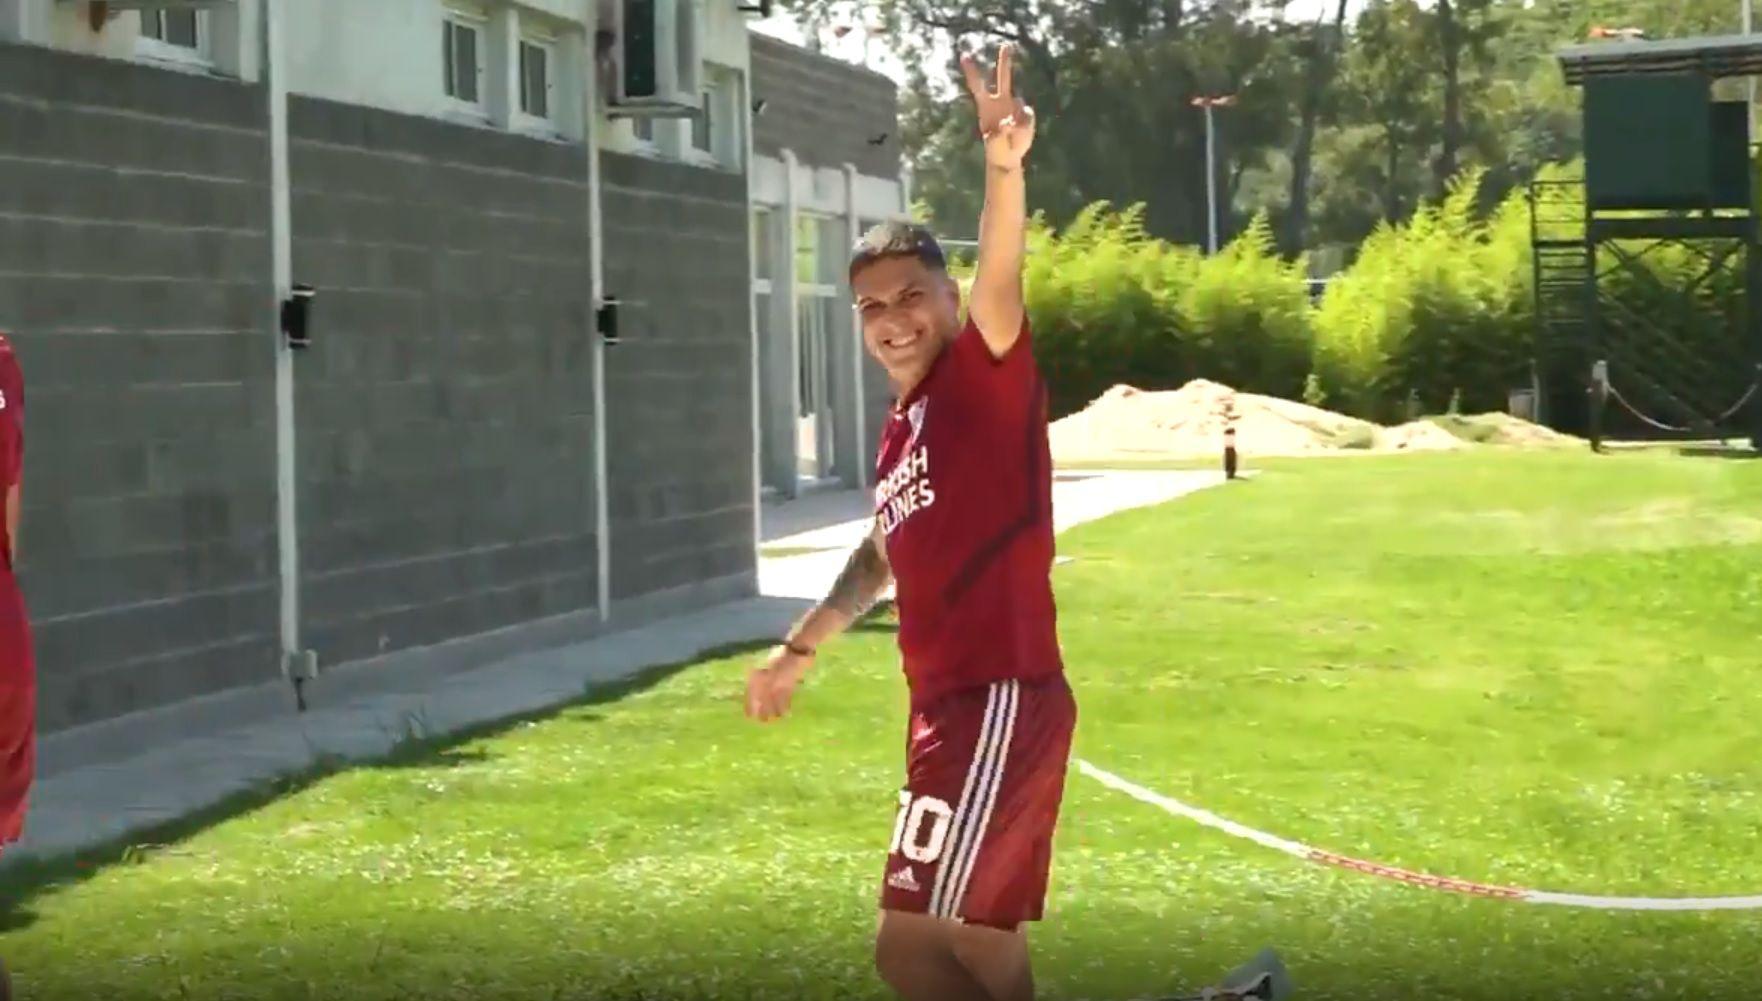 El gol imposible de Juan Fernando Quintero en una práctica que enloquece a los hinchas de River